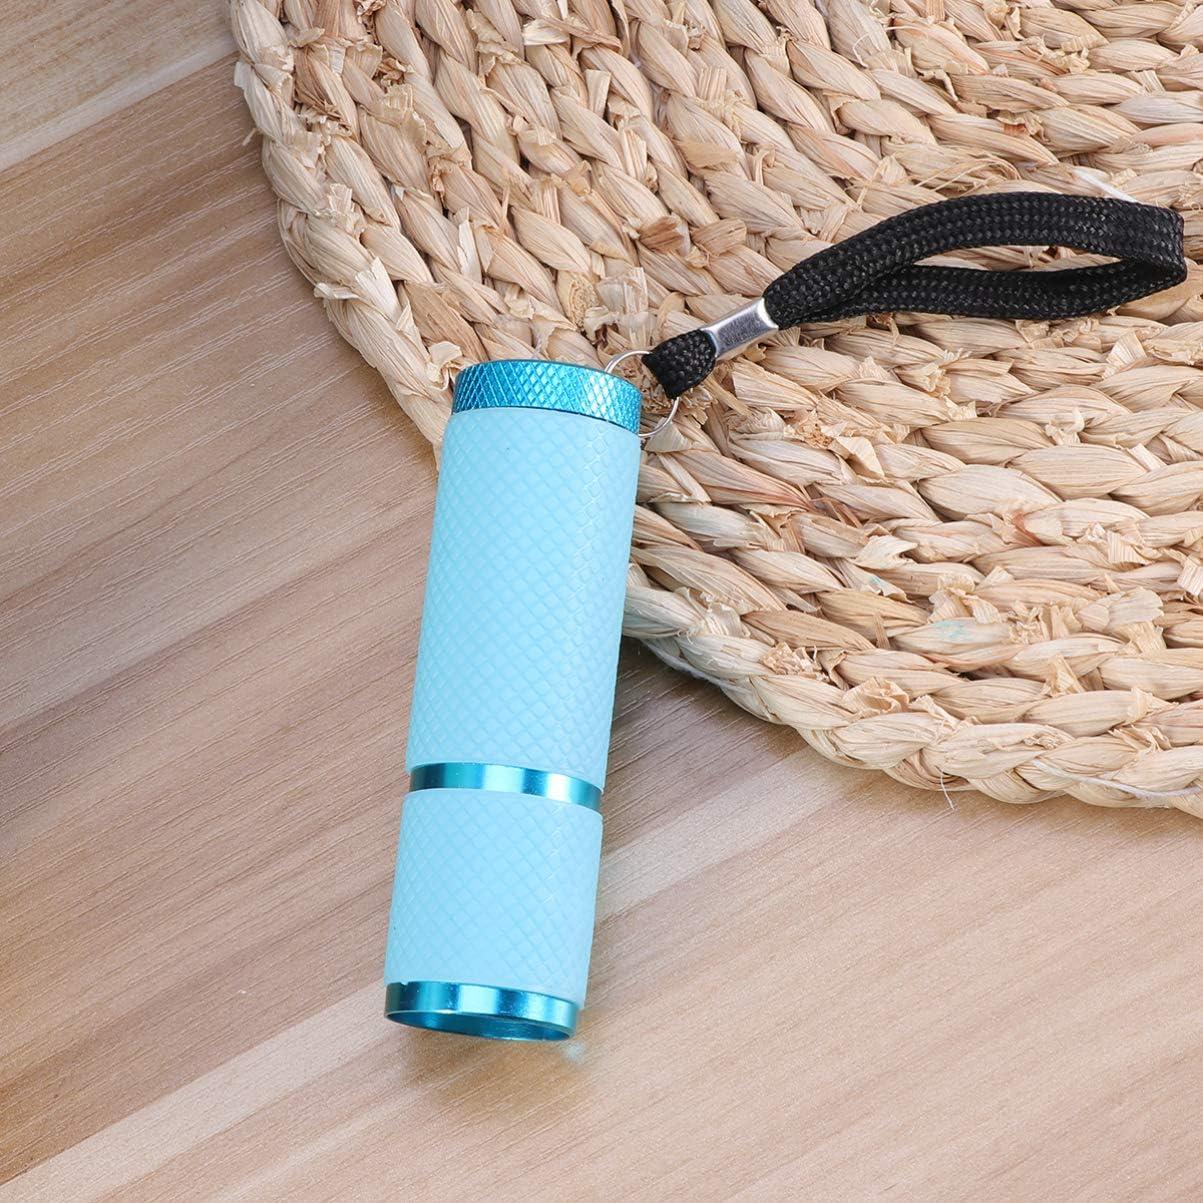 Rosa Beaupretty Mini Linterna Led Uv Luz Negra Detector de Linternas Herramienta de Iluminaci/ón Exterior para Acampar Viajes de Senderismo sin Bater/ía